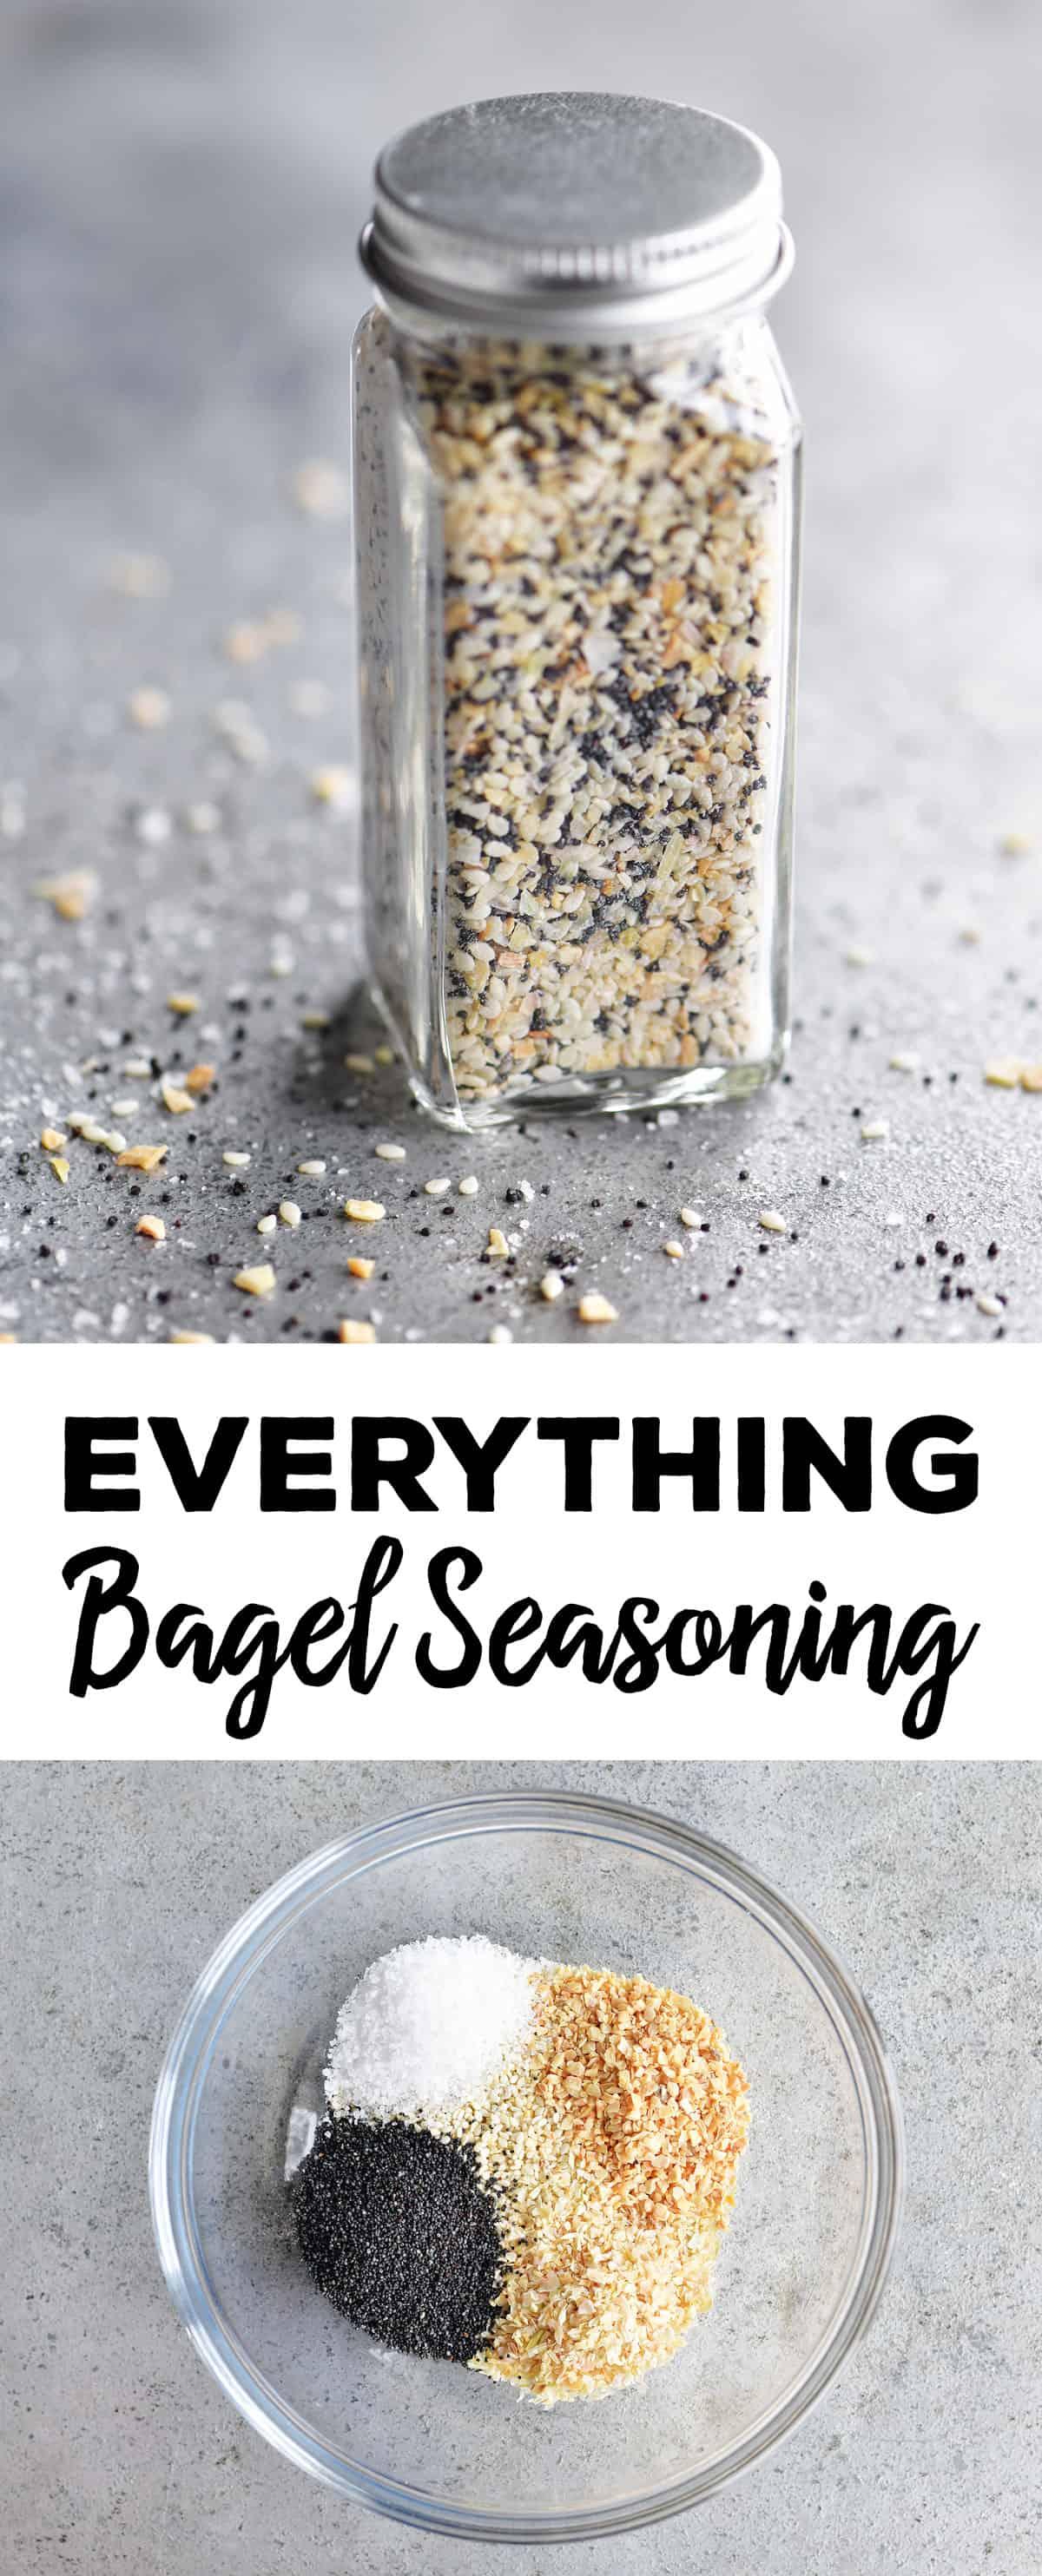 everything bagel seasoning photo collage